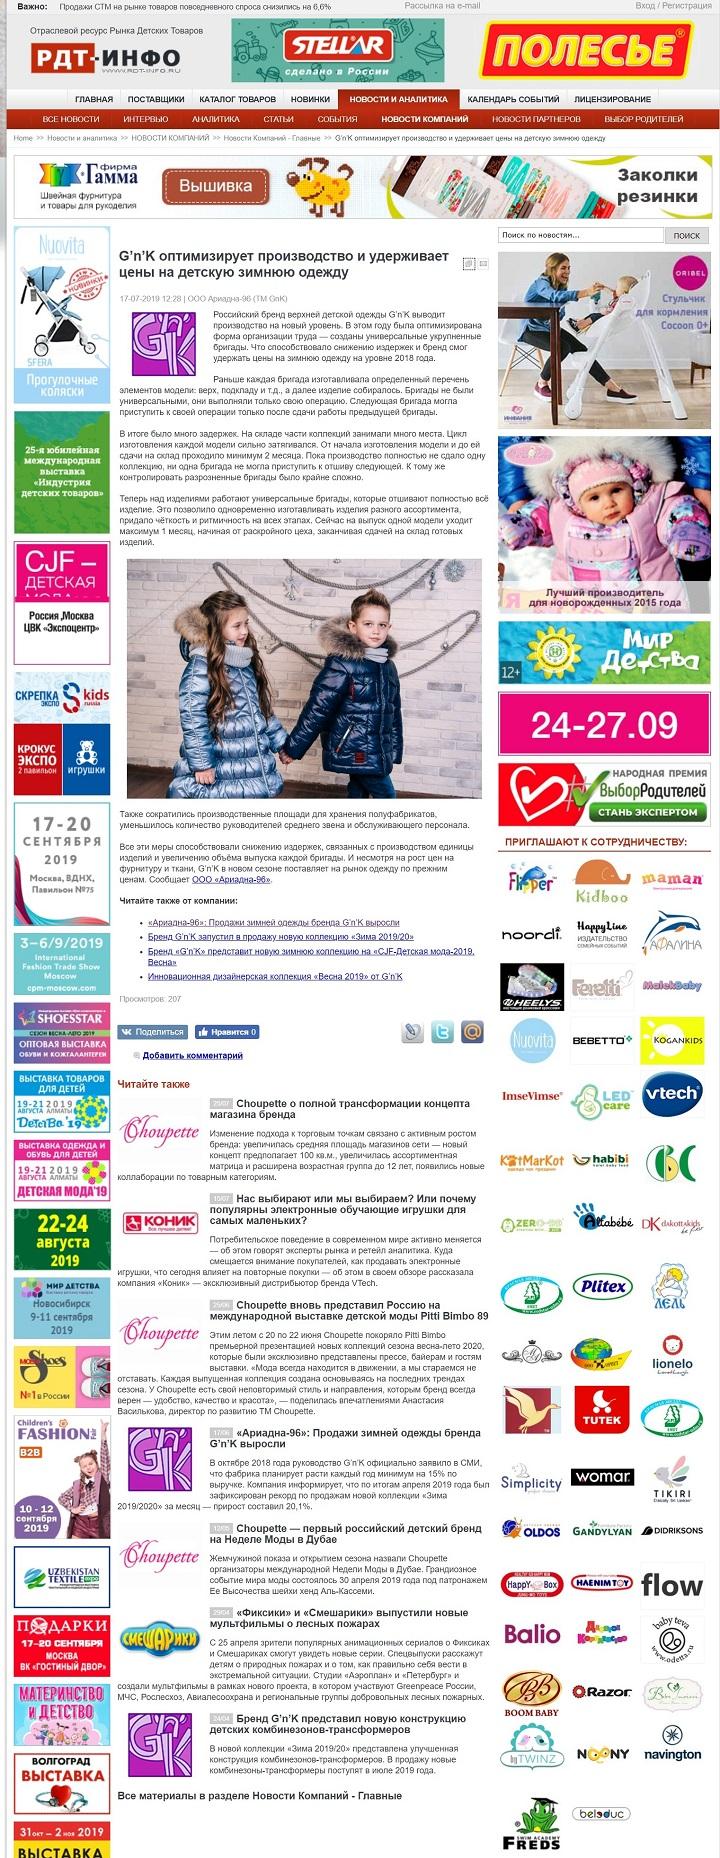 G'n'K оптимизирует производство и удерживает цены на детскую зимнюю одежду